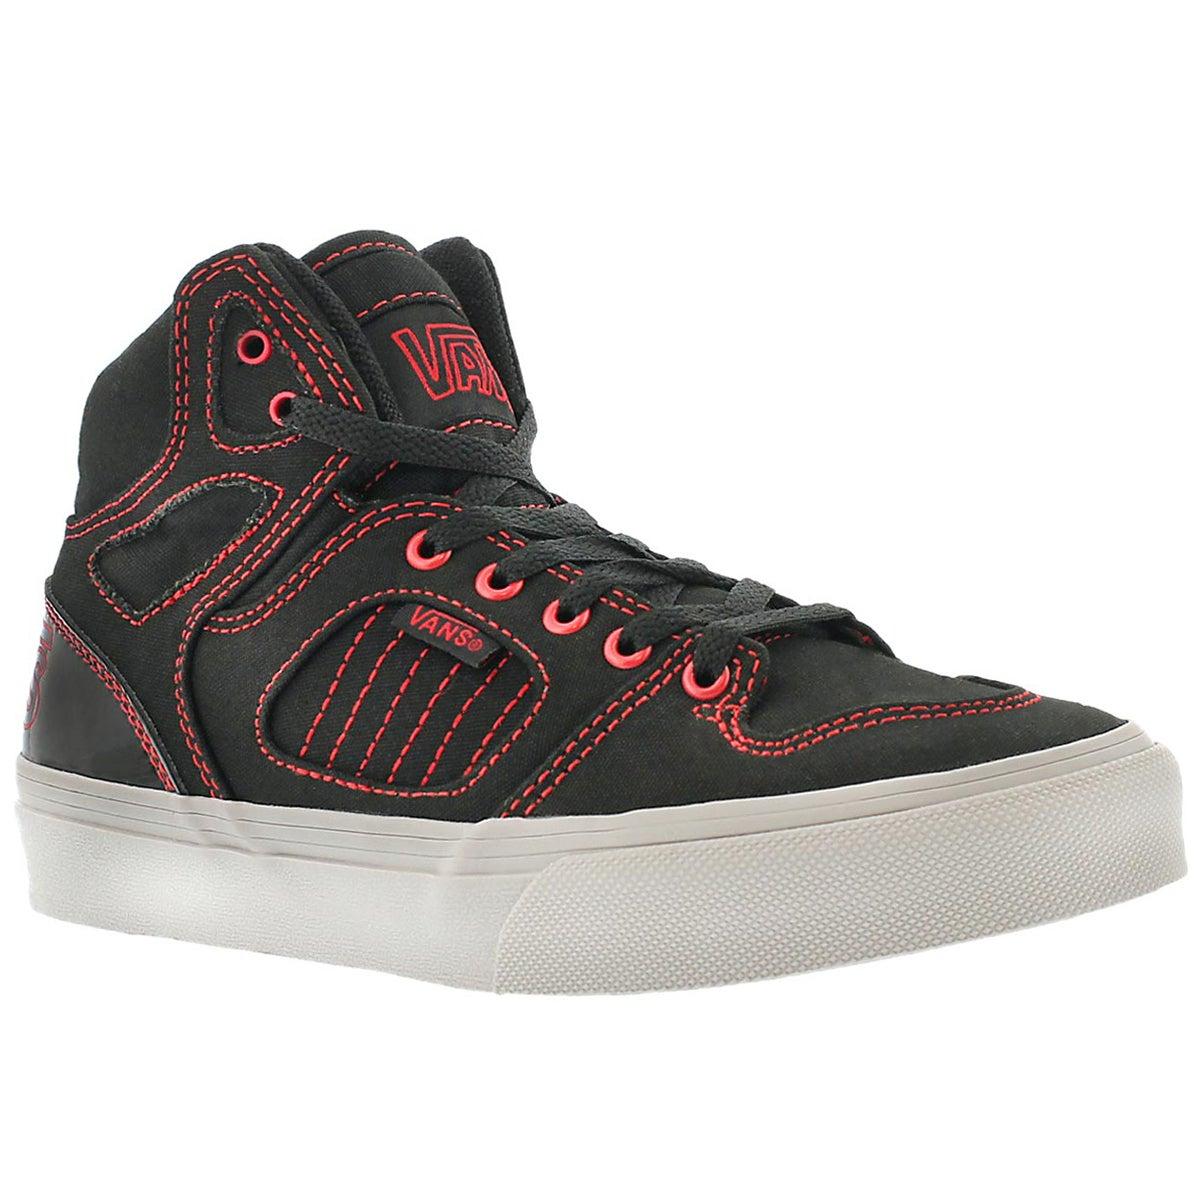 Bys Allred black/red hi-top sneaker